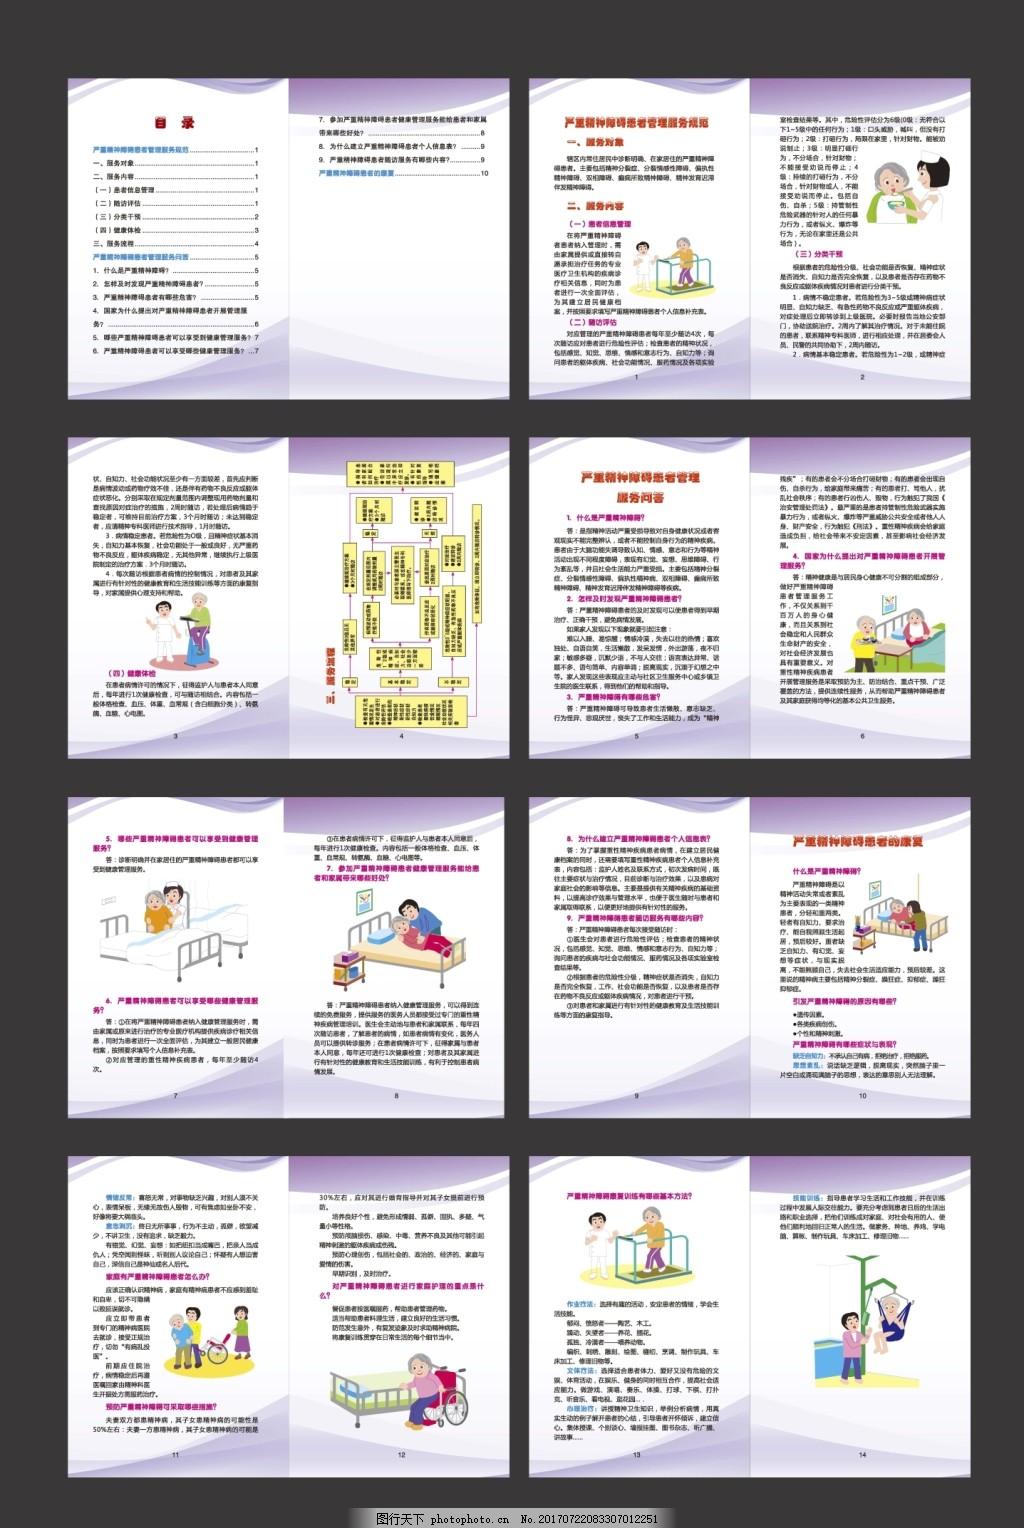 精神障碍宣传册画册模板下载 精神疾病预防手册 精神疾病健康手册